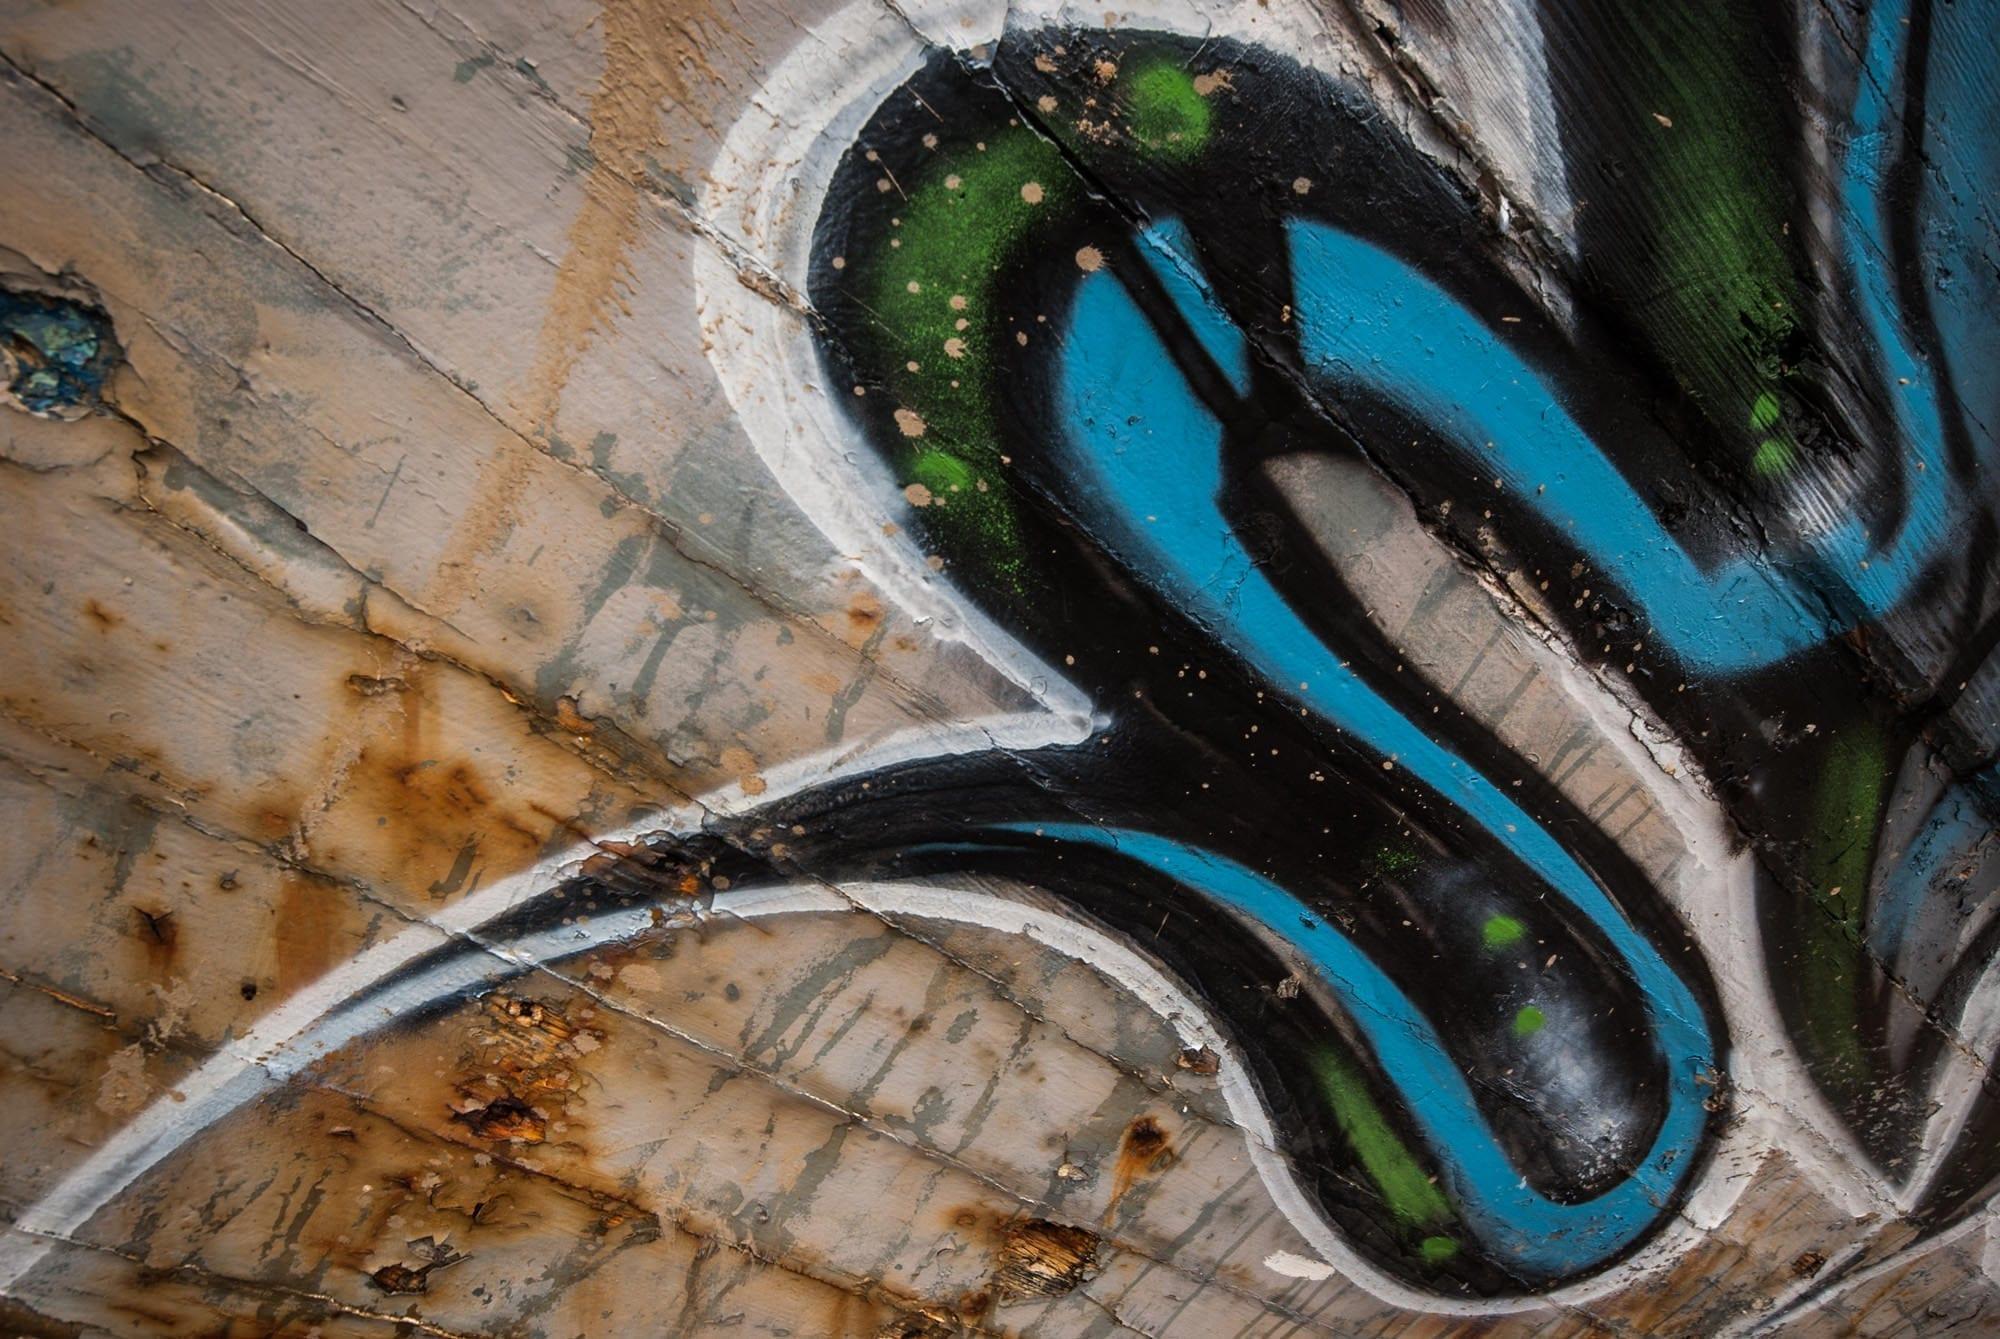 S Graffiti